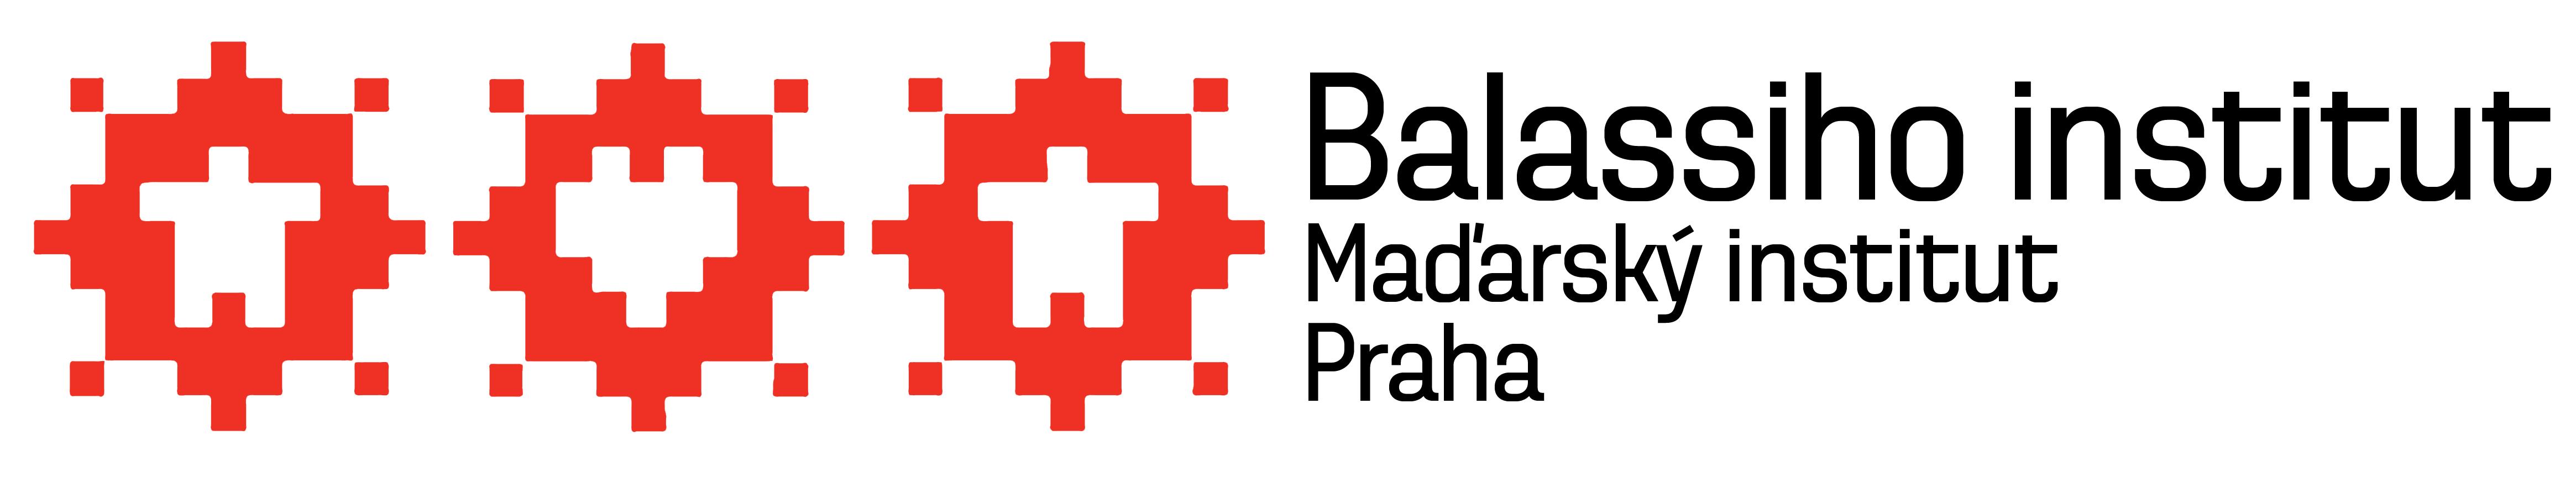 Balassiho-institut